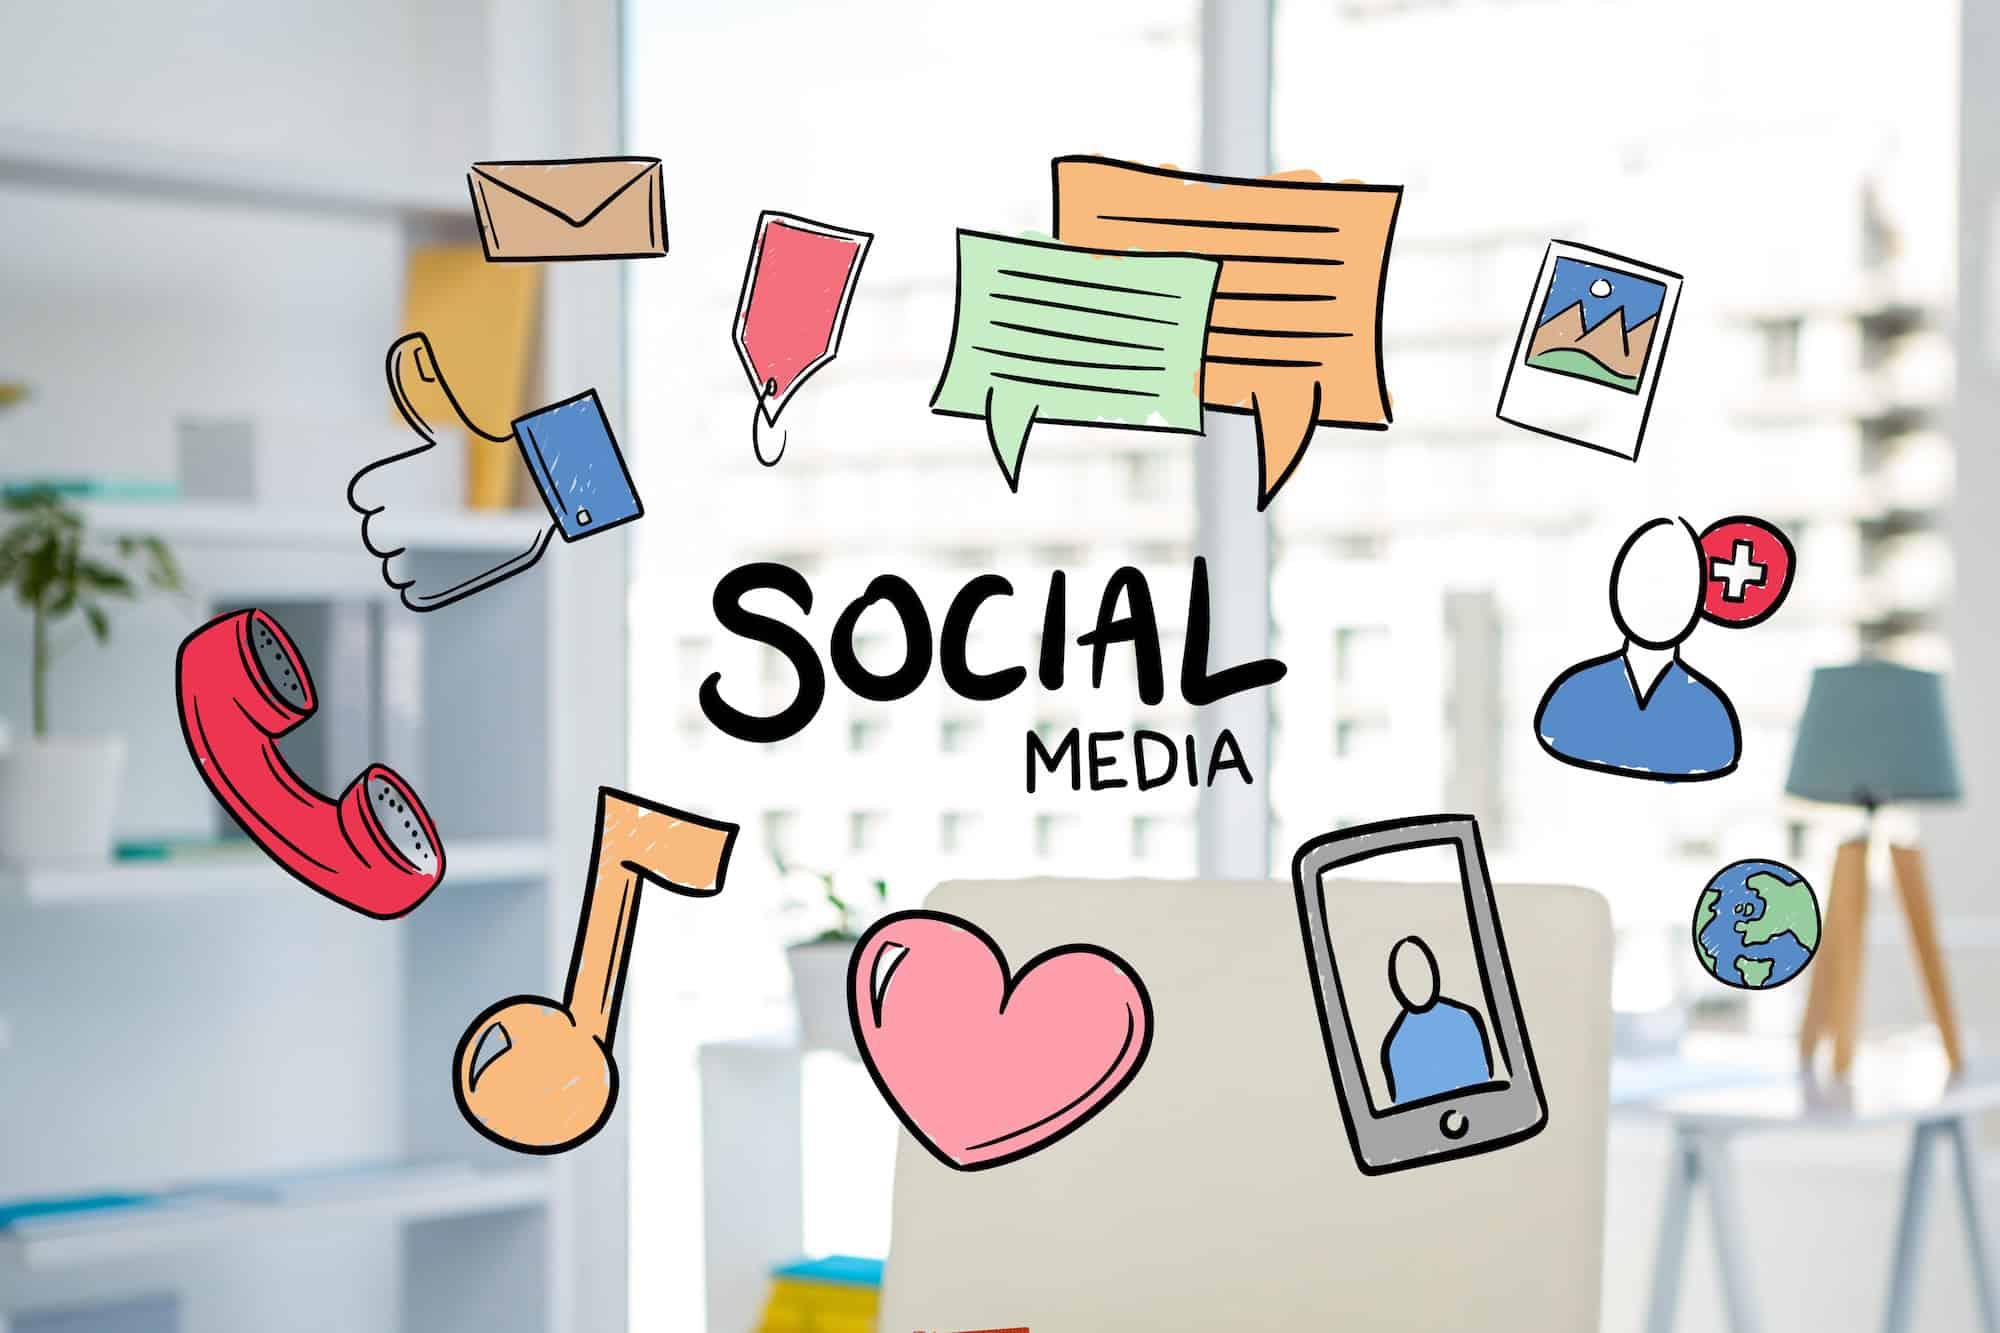 اثر التواصل الاجتماعي على التطور